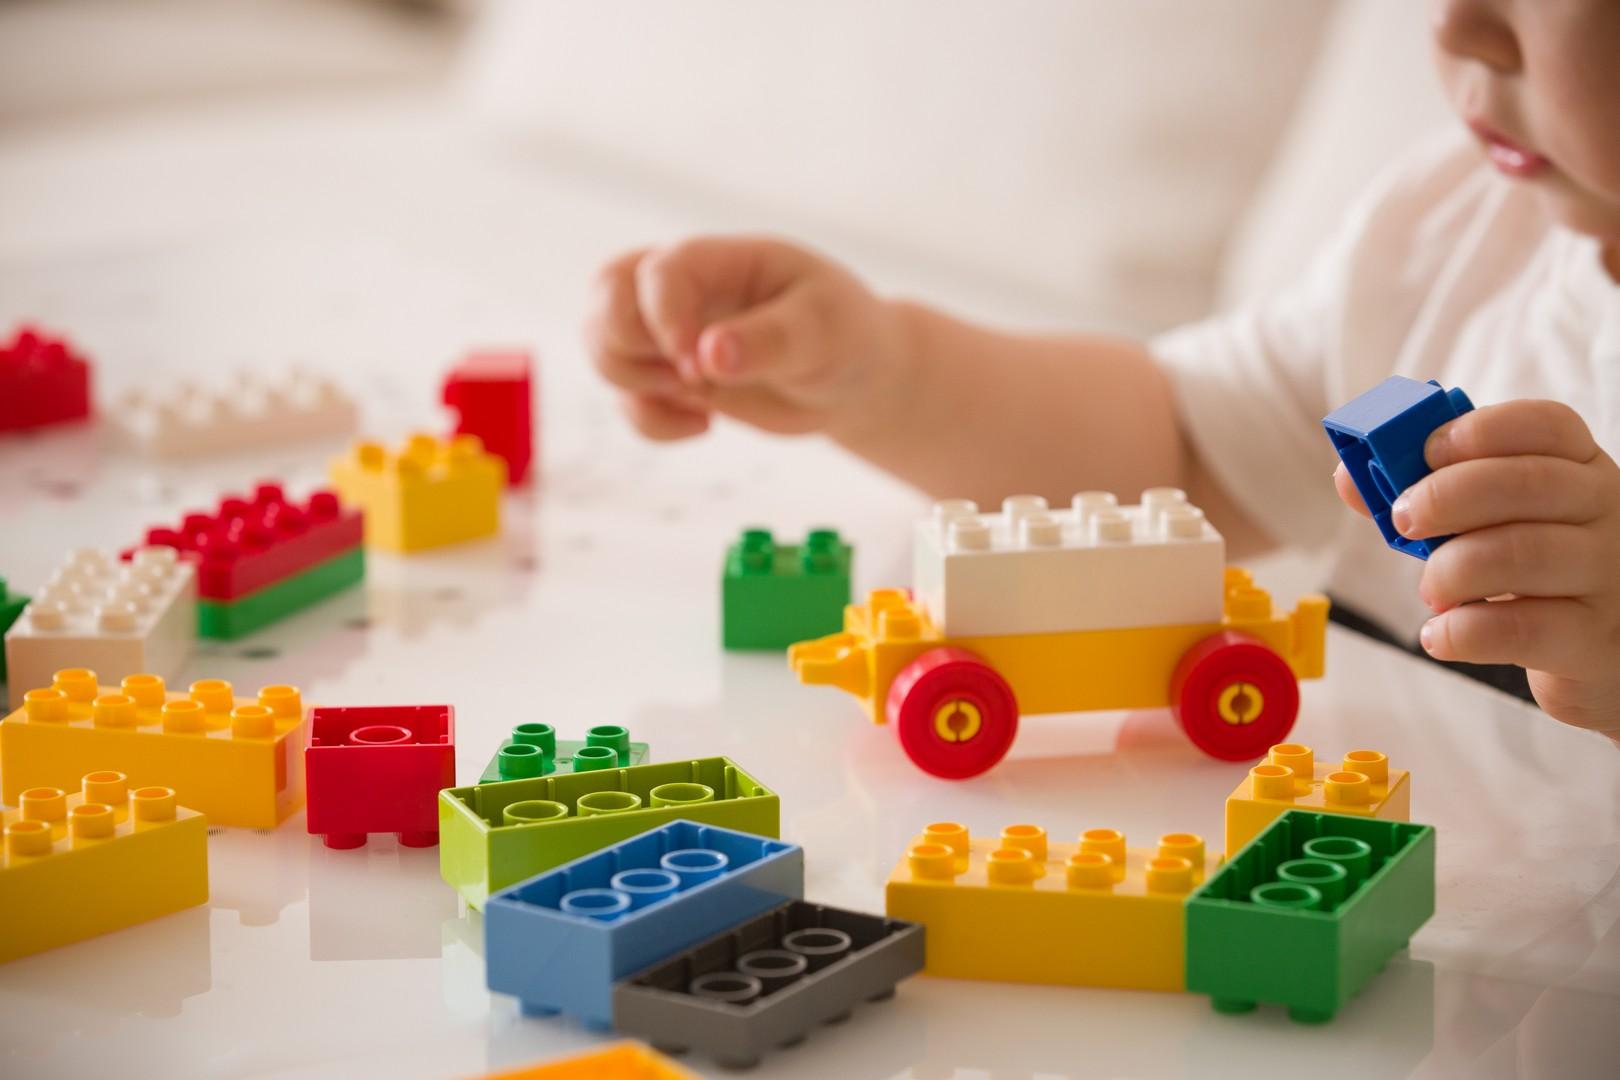 Najlepsze zabawki edukacyjne dla dwulatka ⋆ TomDorix